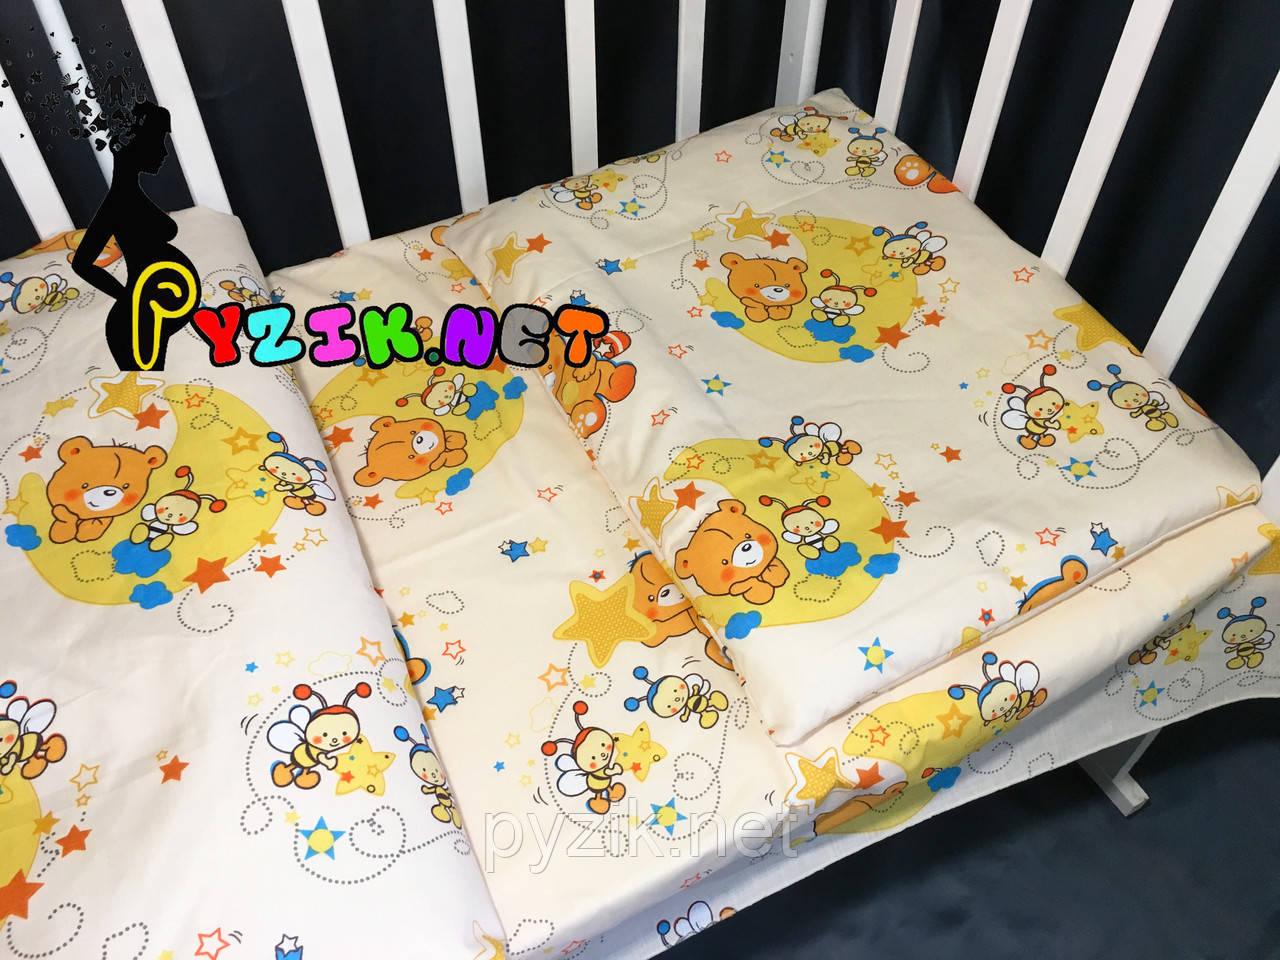 Постельный набор в детскую кроватку (3 предмета) Мишки Пчелки Бежевый